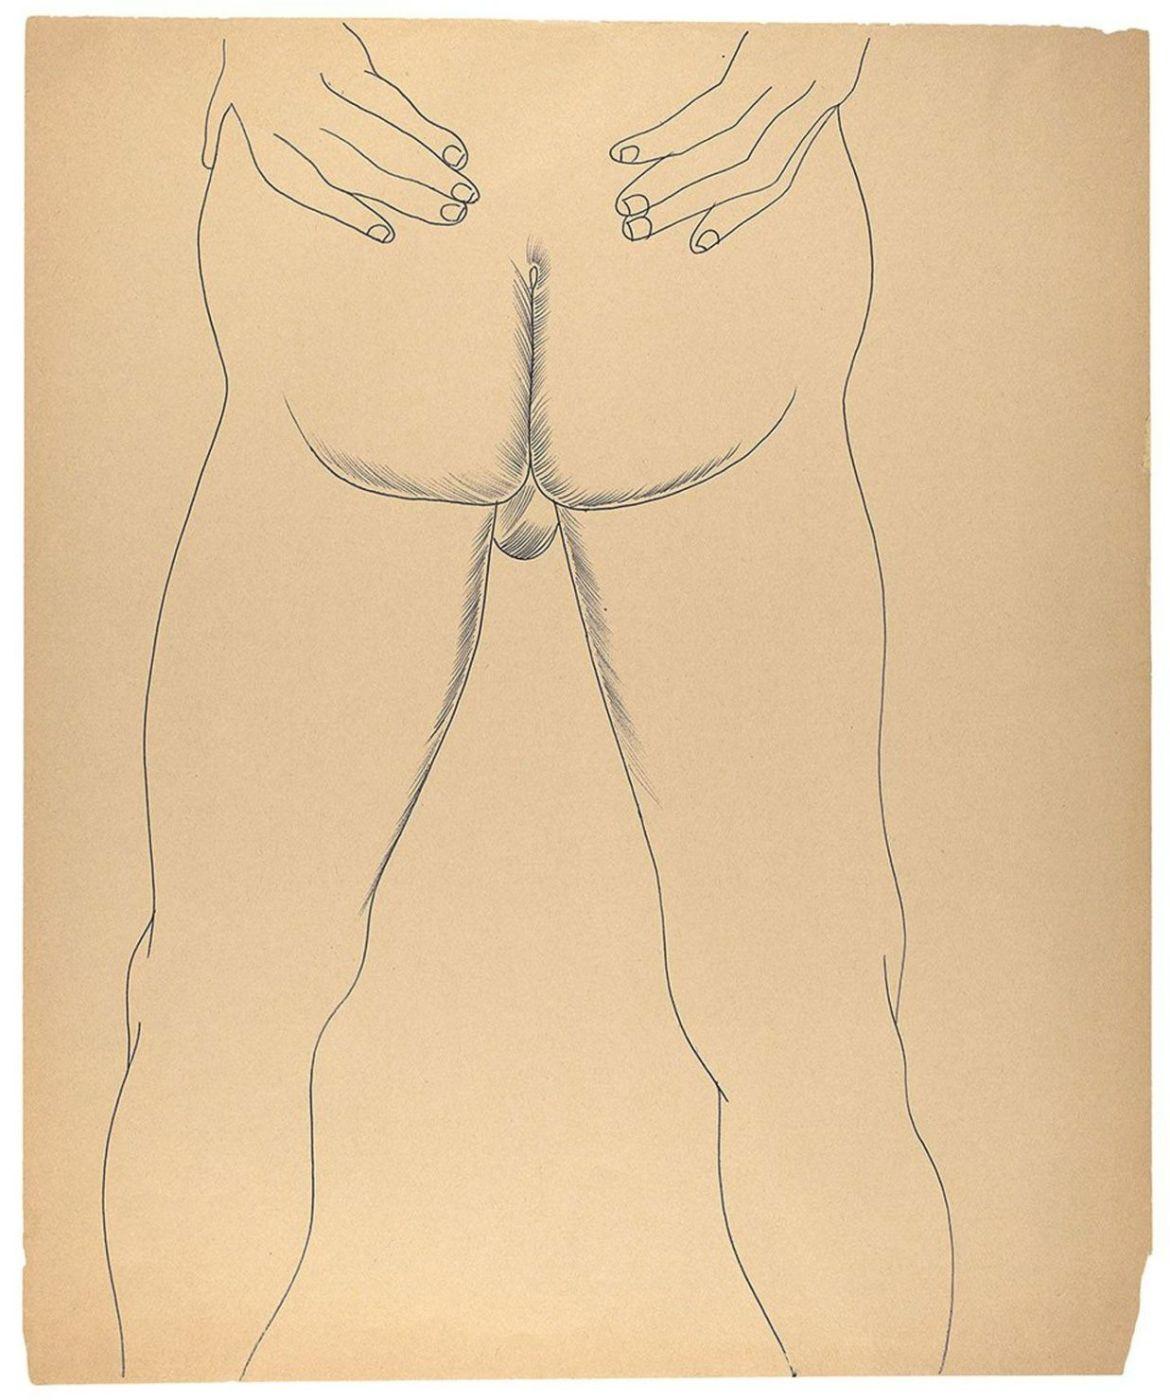 Las obras eróticas de Andy Warhol que tal vez no conocías - andy-warhol-dibujos-piernas